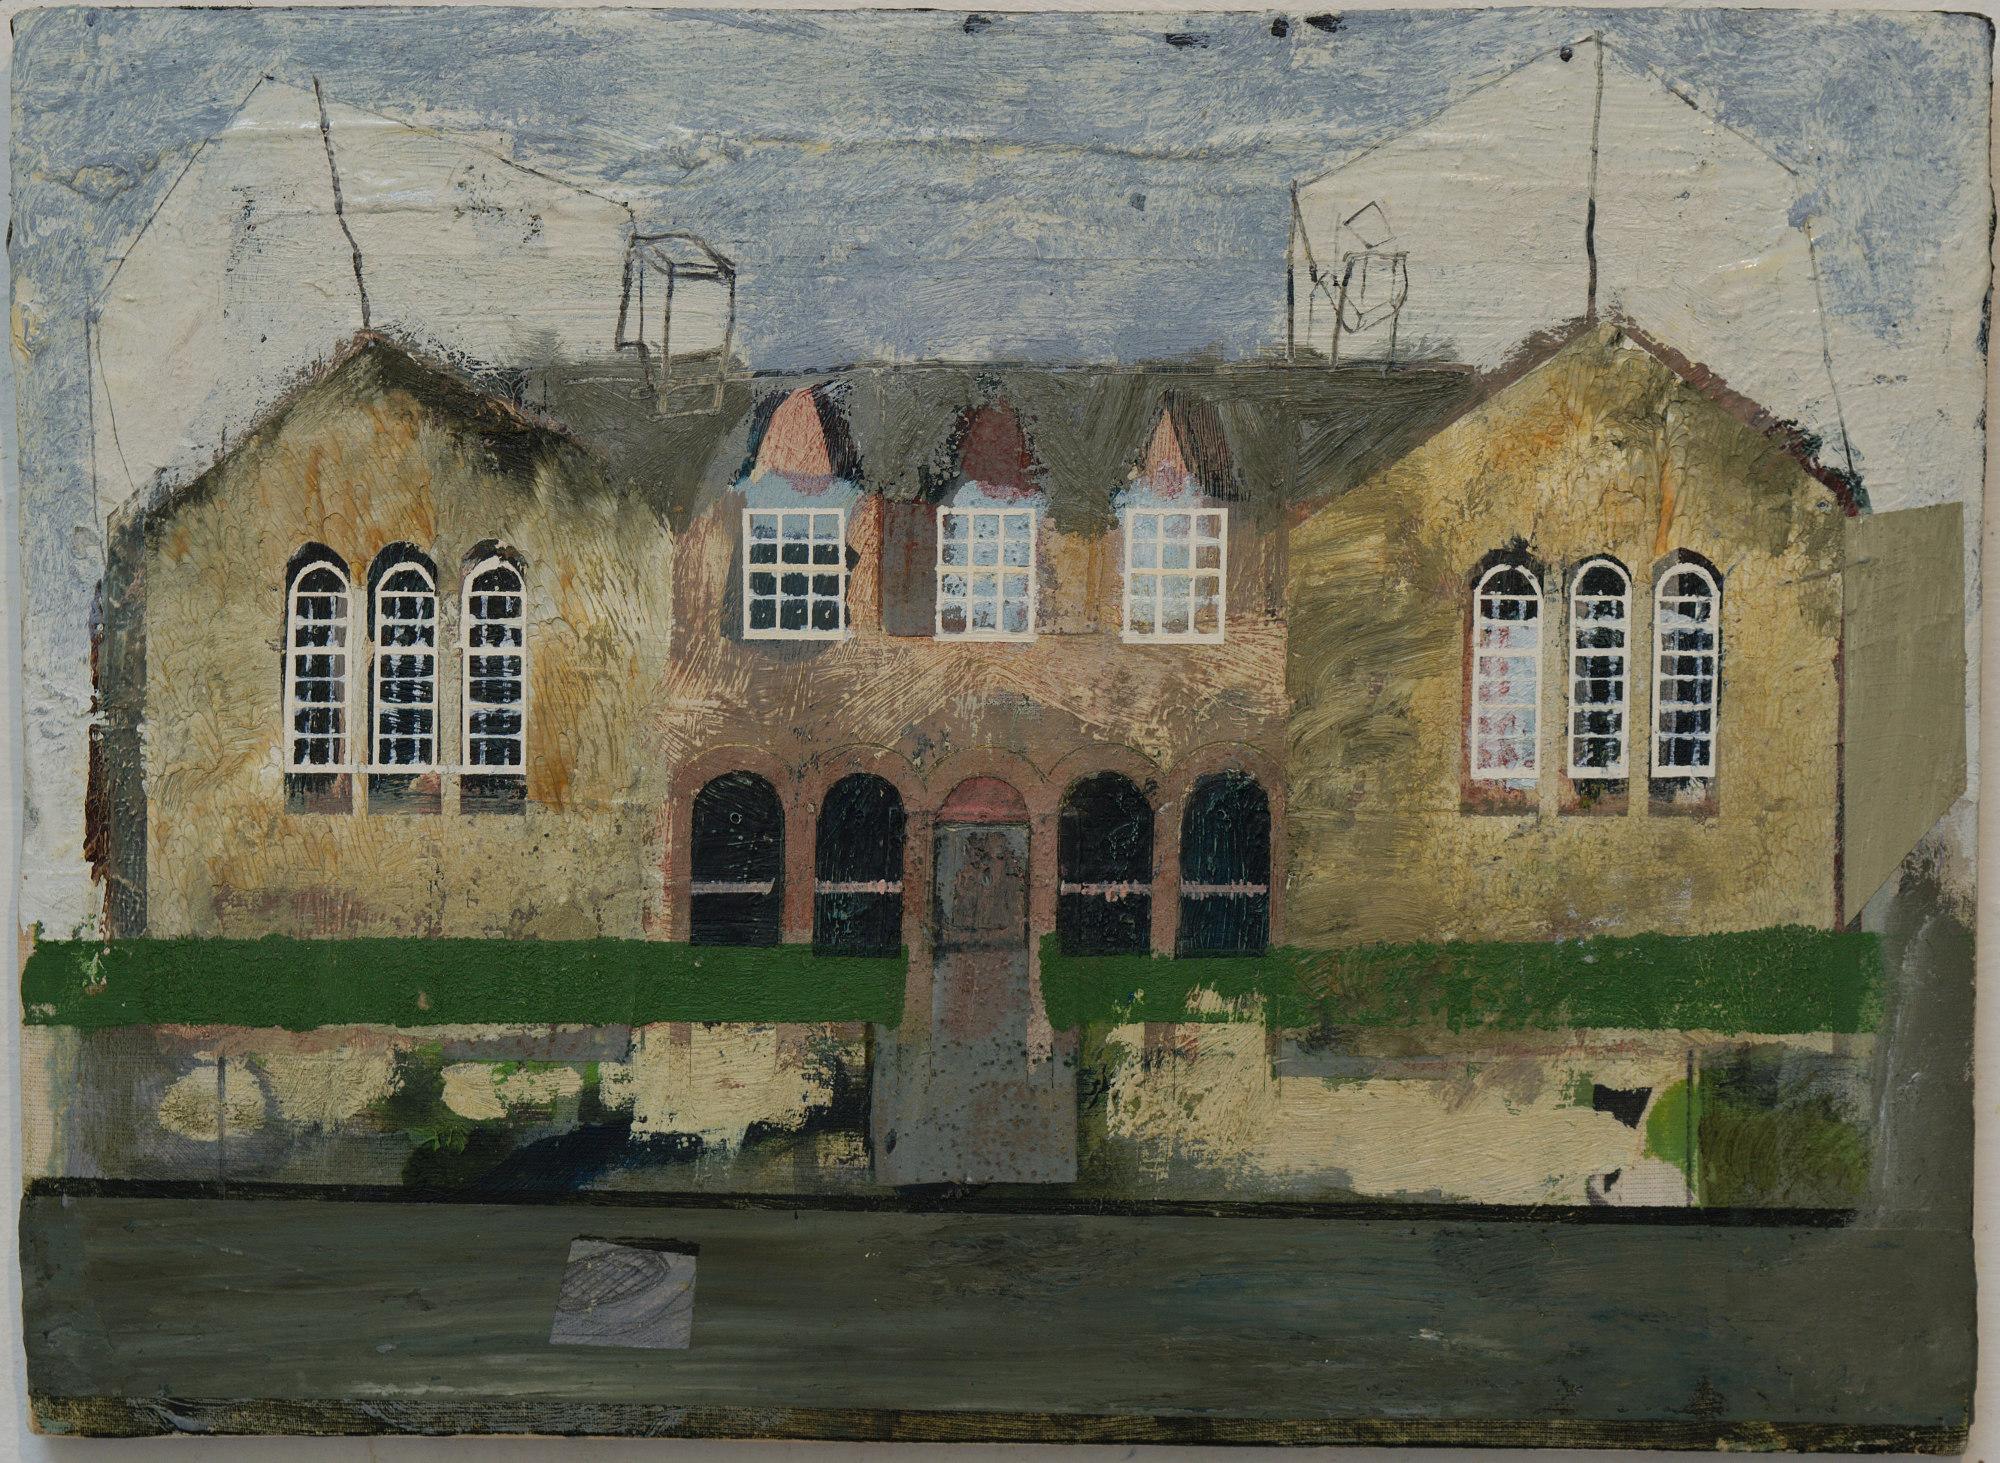 OldSchool Building c1850 - 1984